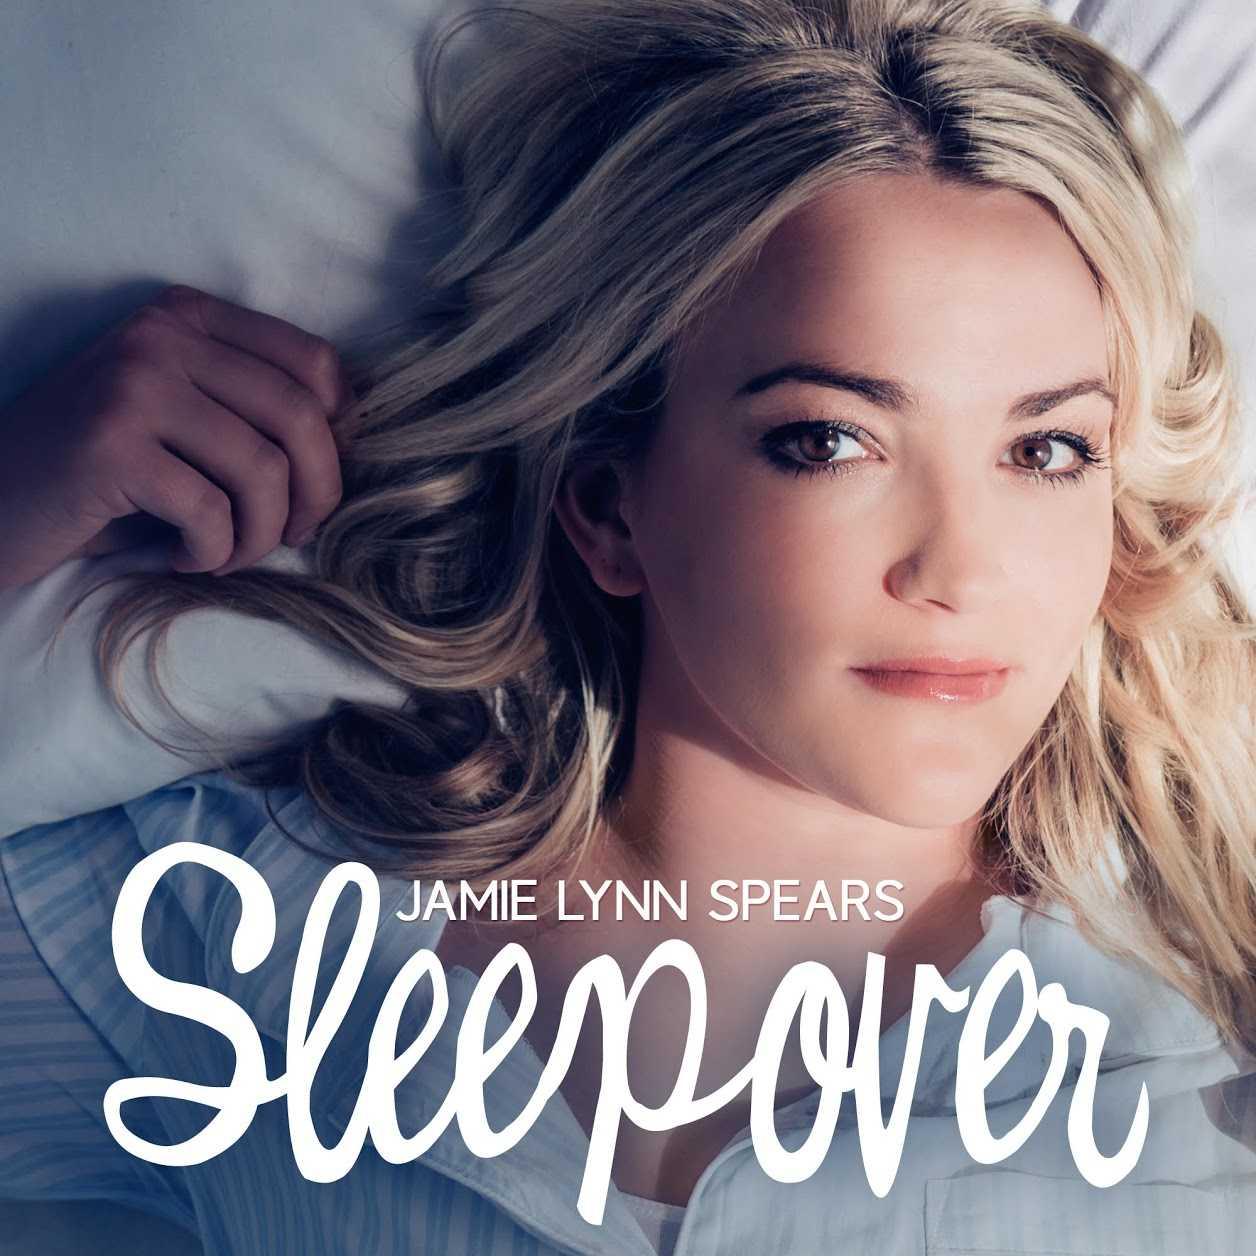 Jamie Lynn Spears Takes Things Slow On New Single 'Sleepover' | Jamie Lynn Spears